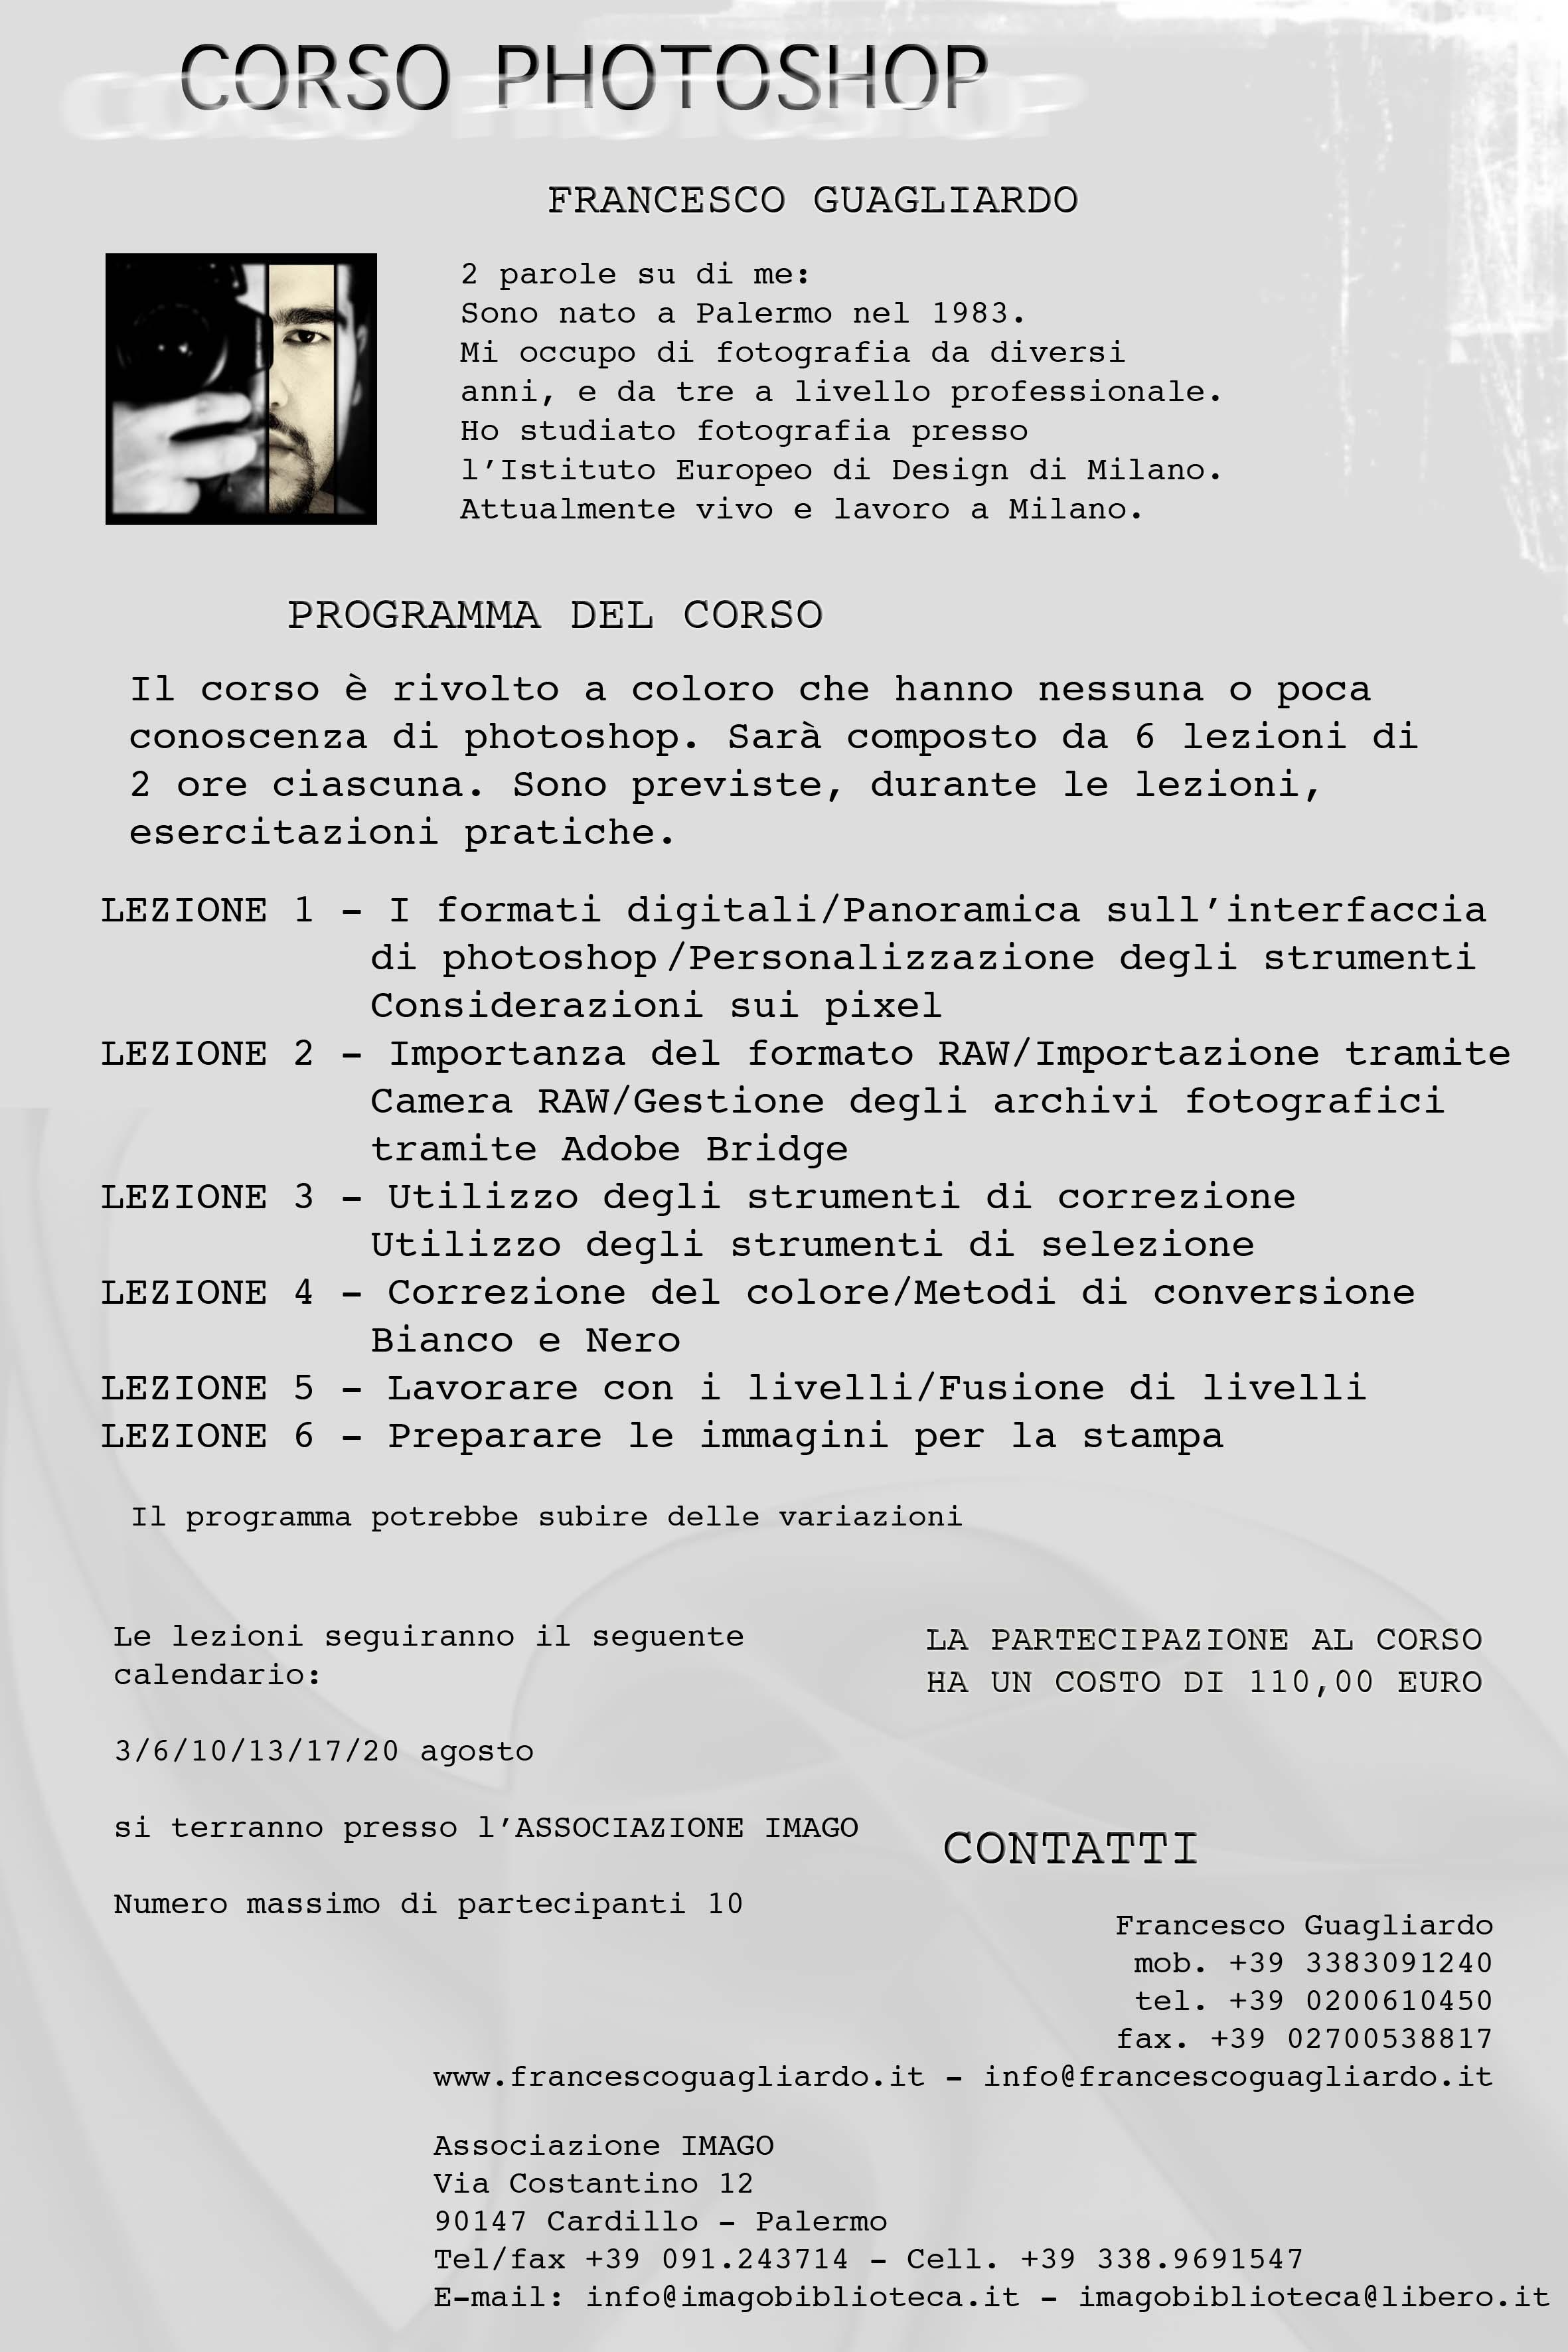 corso_photoshop